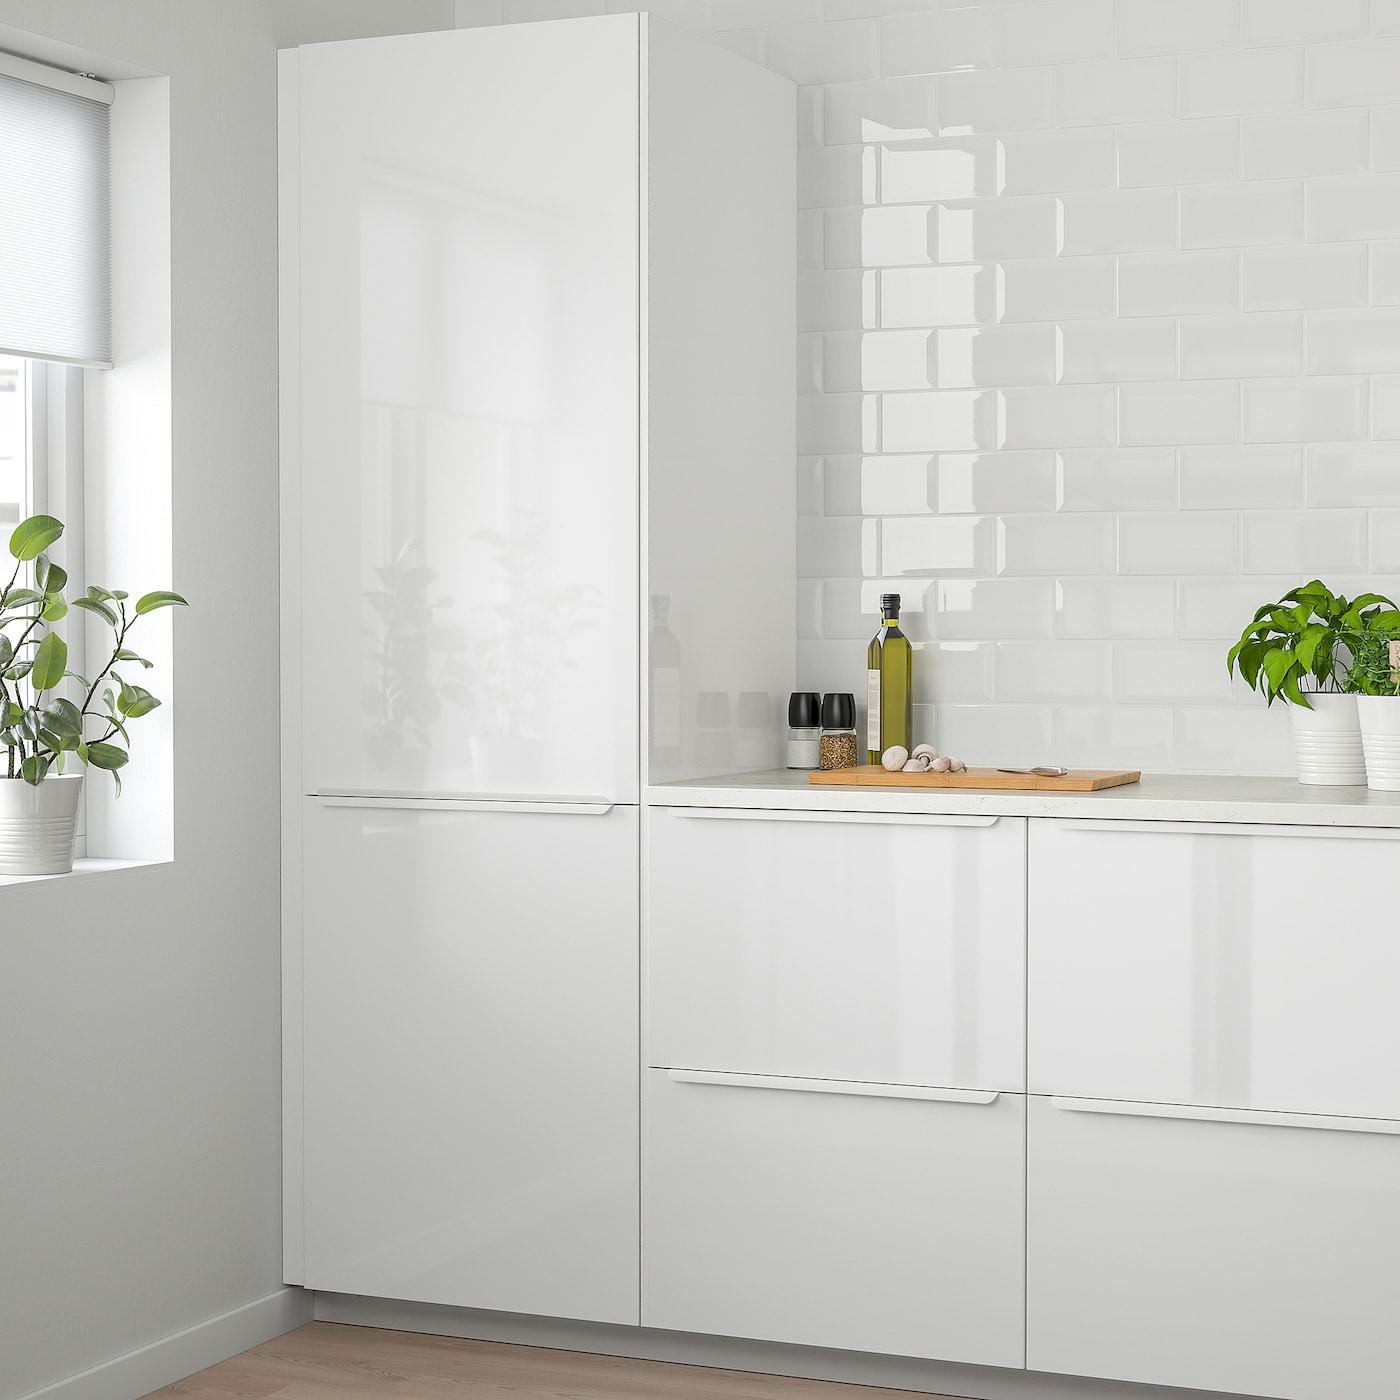 Full Size of Eckunterschrank Küche 60x60 Ikea Spritzschutz Plexiglas Müllschrank Schwingtür Billig Ohne Elektrogeräte Teppich Planen Aluminium Verbundplatte Mit Wohnzimmer Eckunterschrank Küche 60x60 Ikea